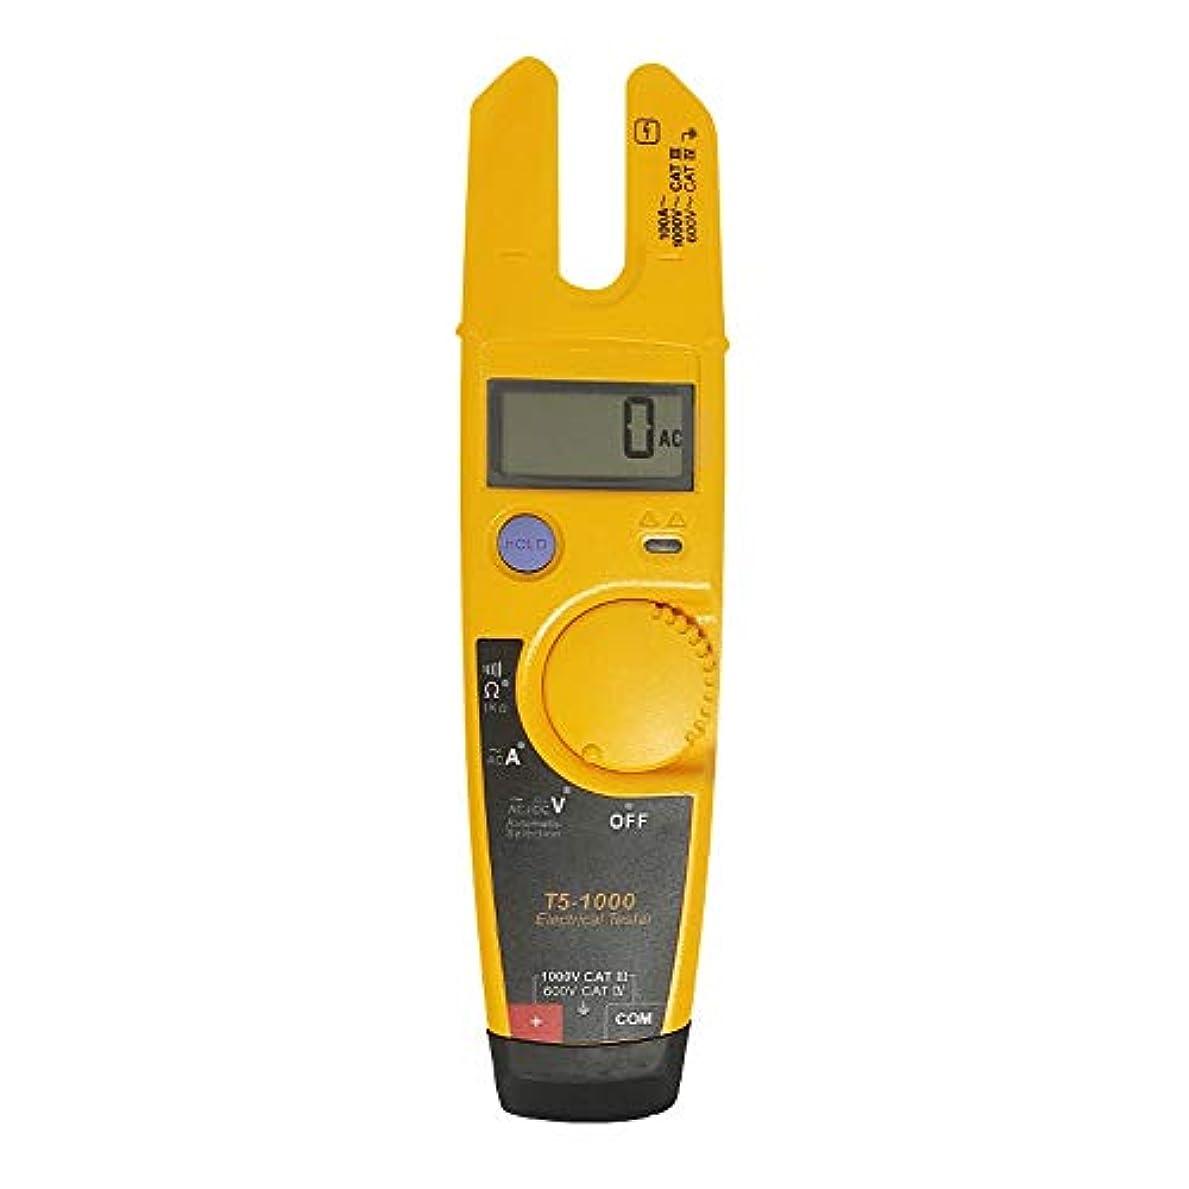 唯一狂気お勧めTDHHY Labloot ソフトケース付き T5-600 クランプメーター 電圧 連続電流 クランプメーター